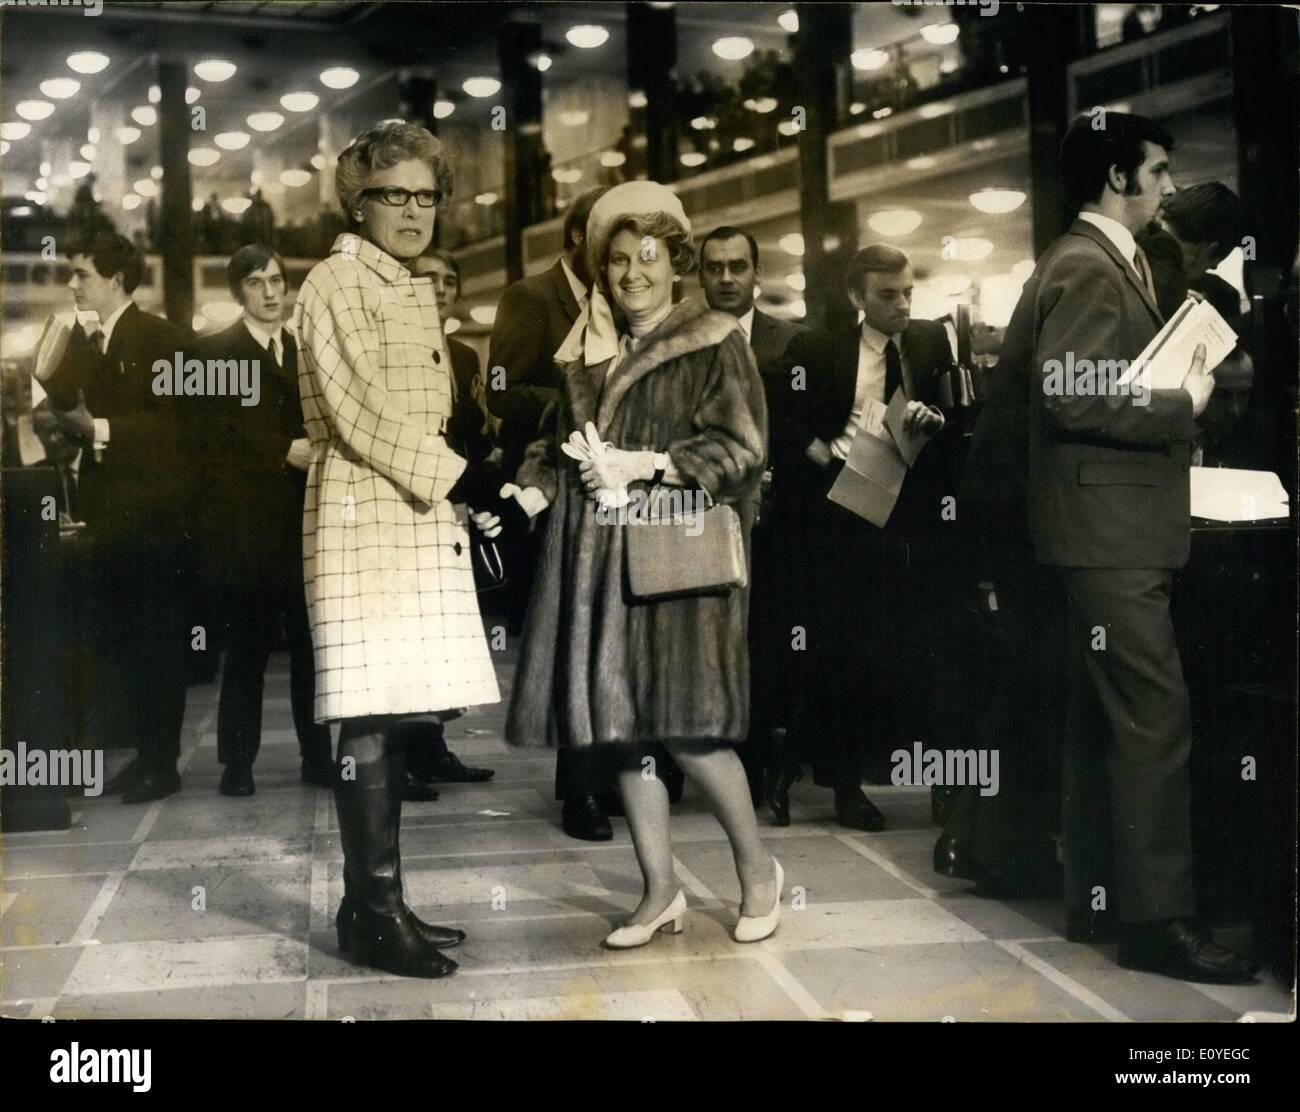 Gen 01, 1970 - Le donne diventano membri di LLyods: La storia è stato fatto oggi - il giorno di Capodanno quandoFoto Stock